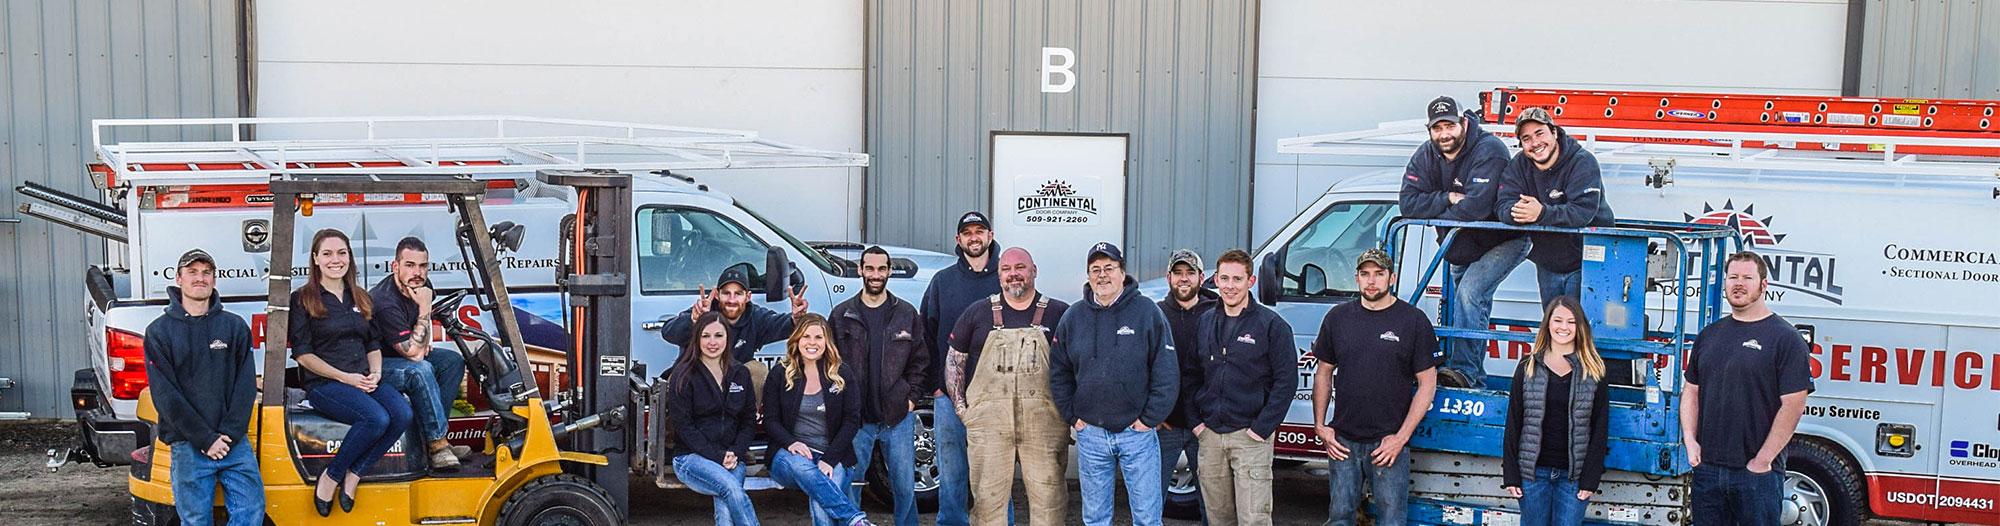 About Continental Door Garage And Overhead Door Company